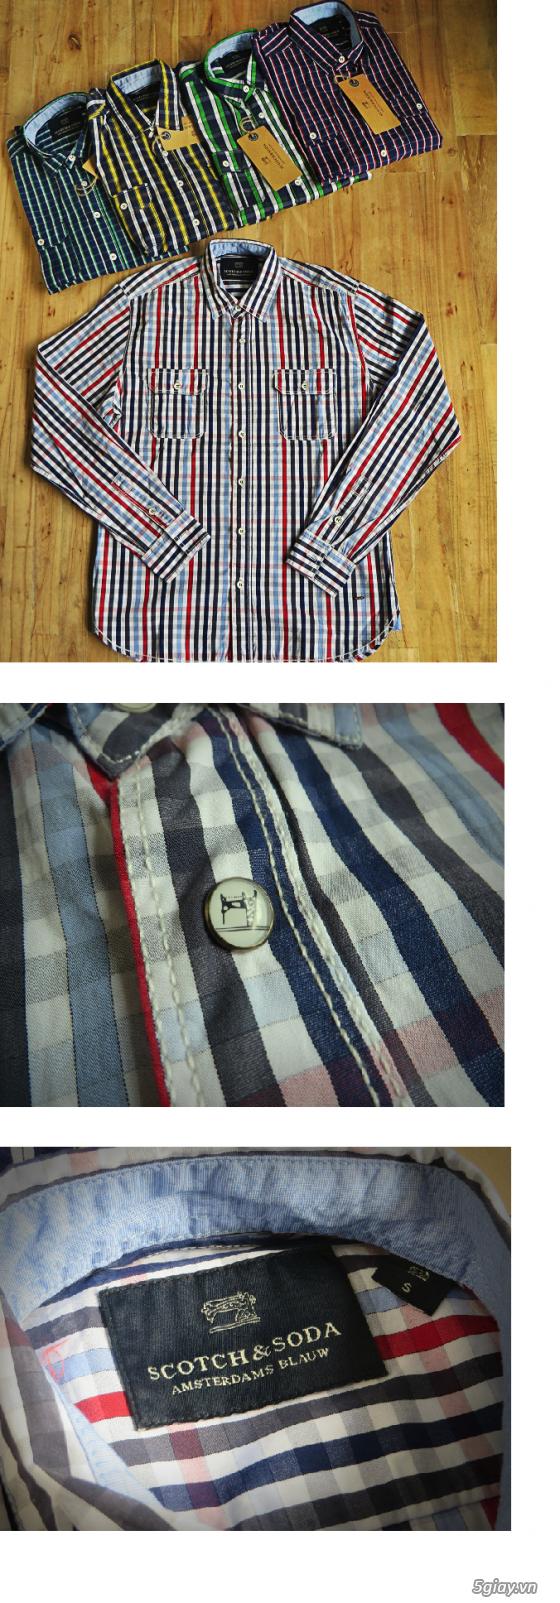 [MR.BEAN] Quần jean, áo sơ mi, áo thun nam, mũ nón, giày dép (Holliter, Aber...) - 35